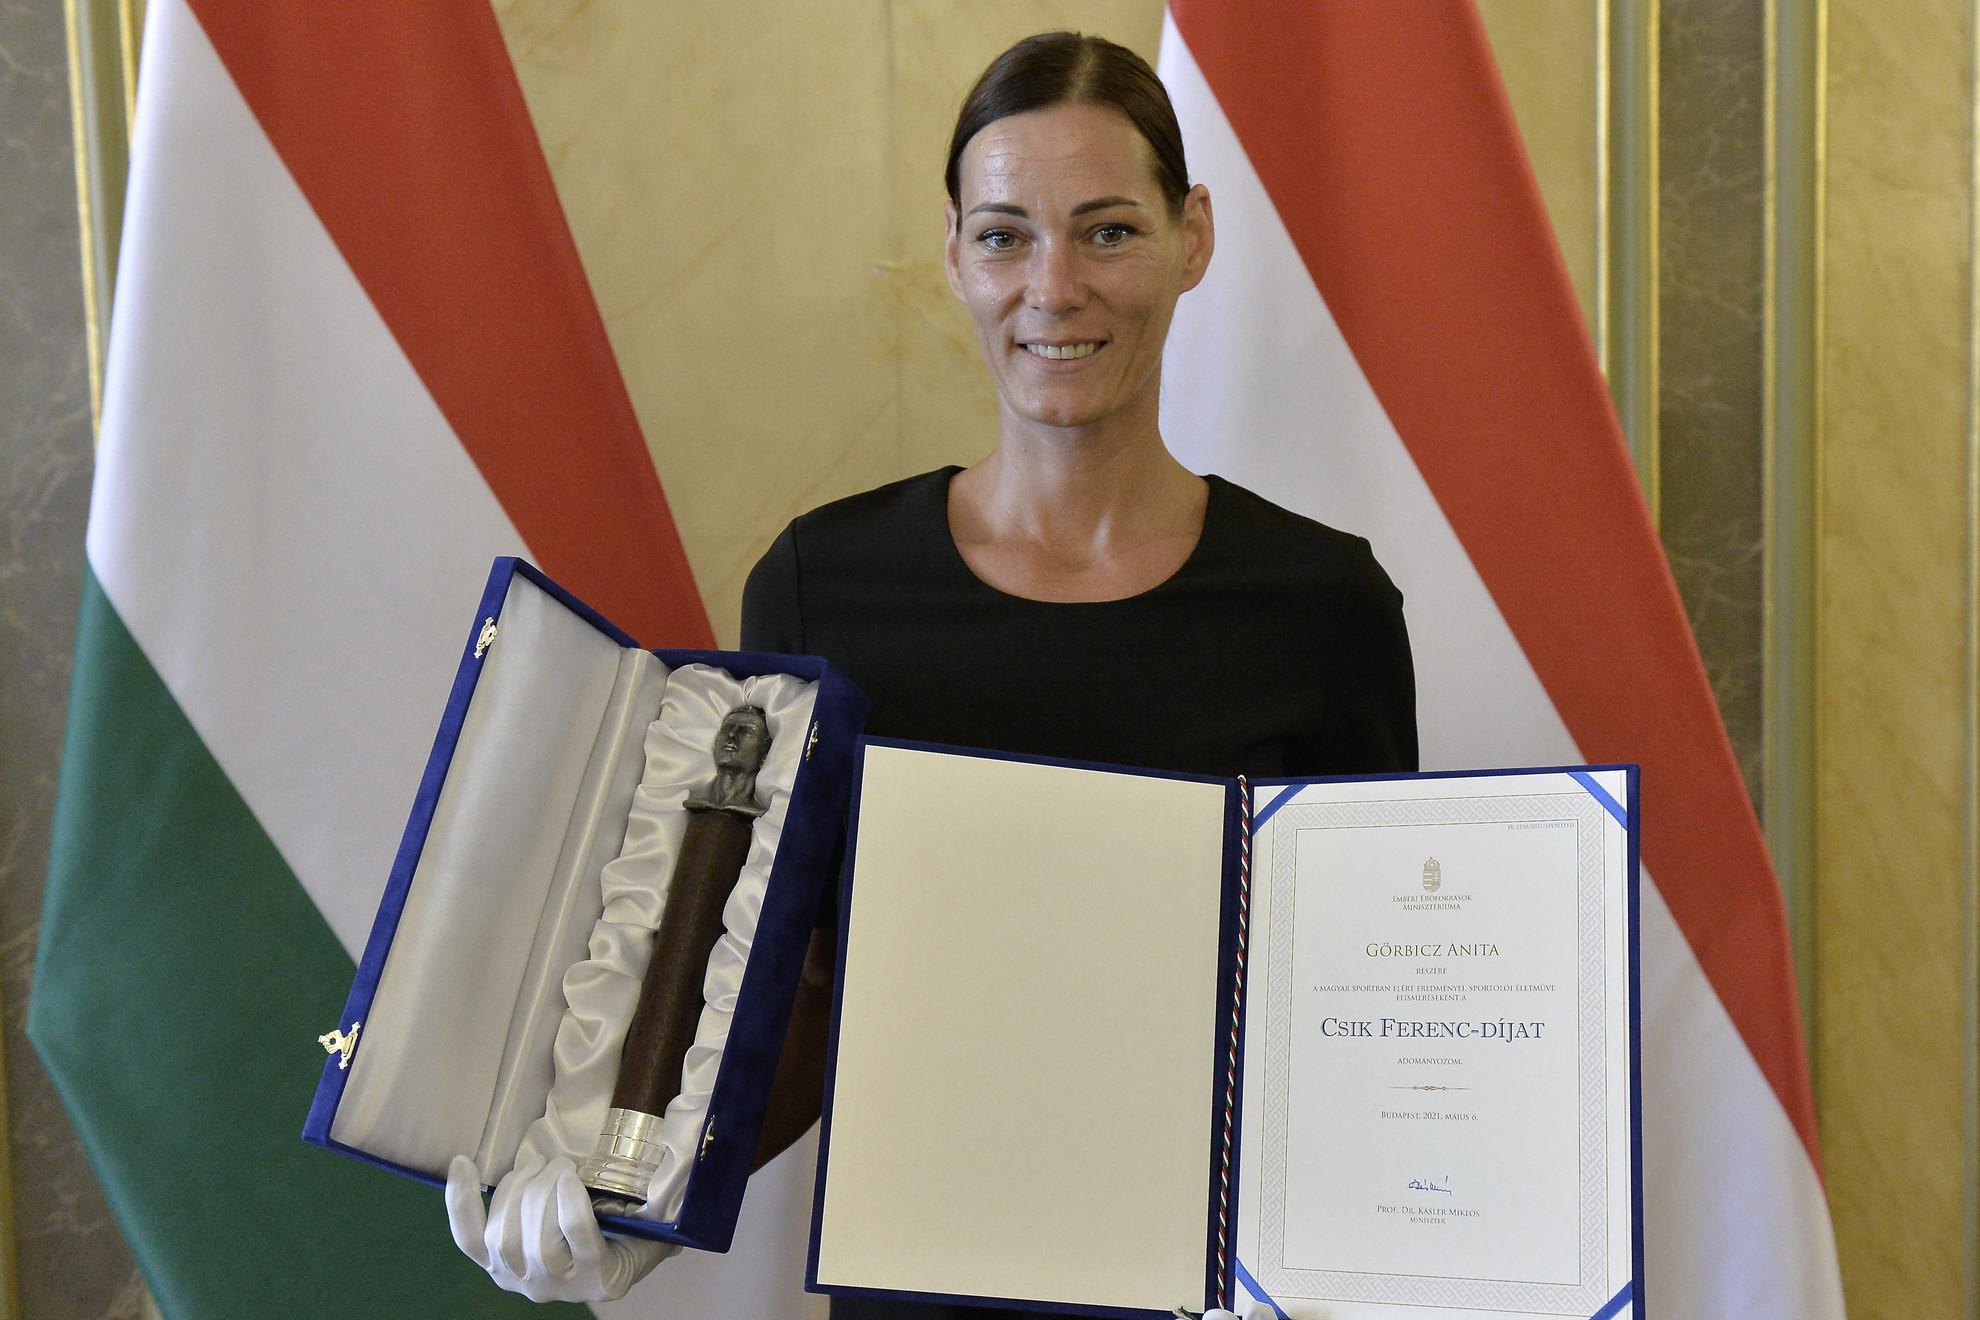 A Csík Ferenc-díjjal elismert Görbicz Anita 233-szoros válogatott, visszavonult kézilabdázó